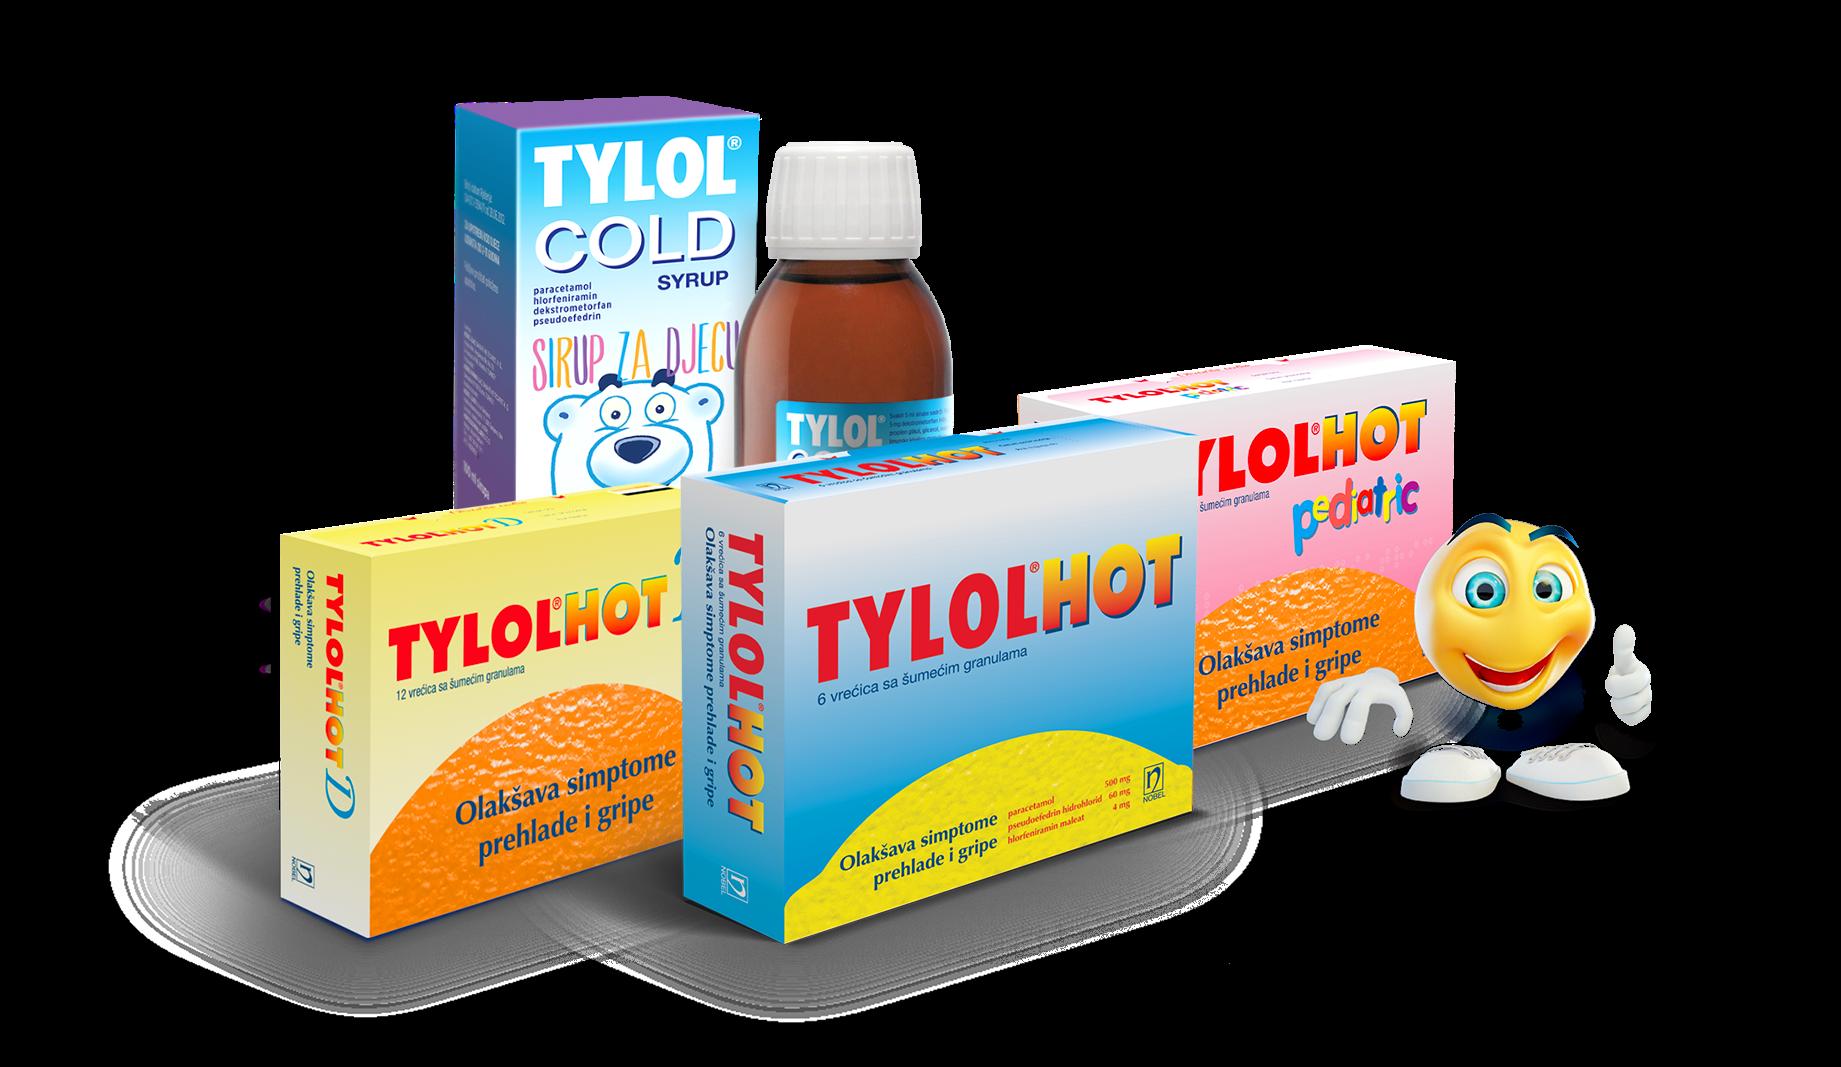 Tylol hot proizvodi